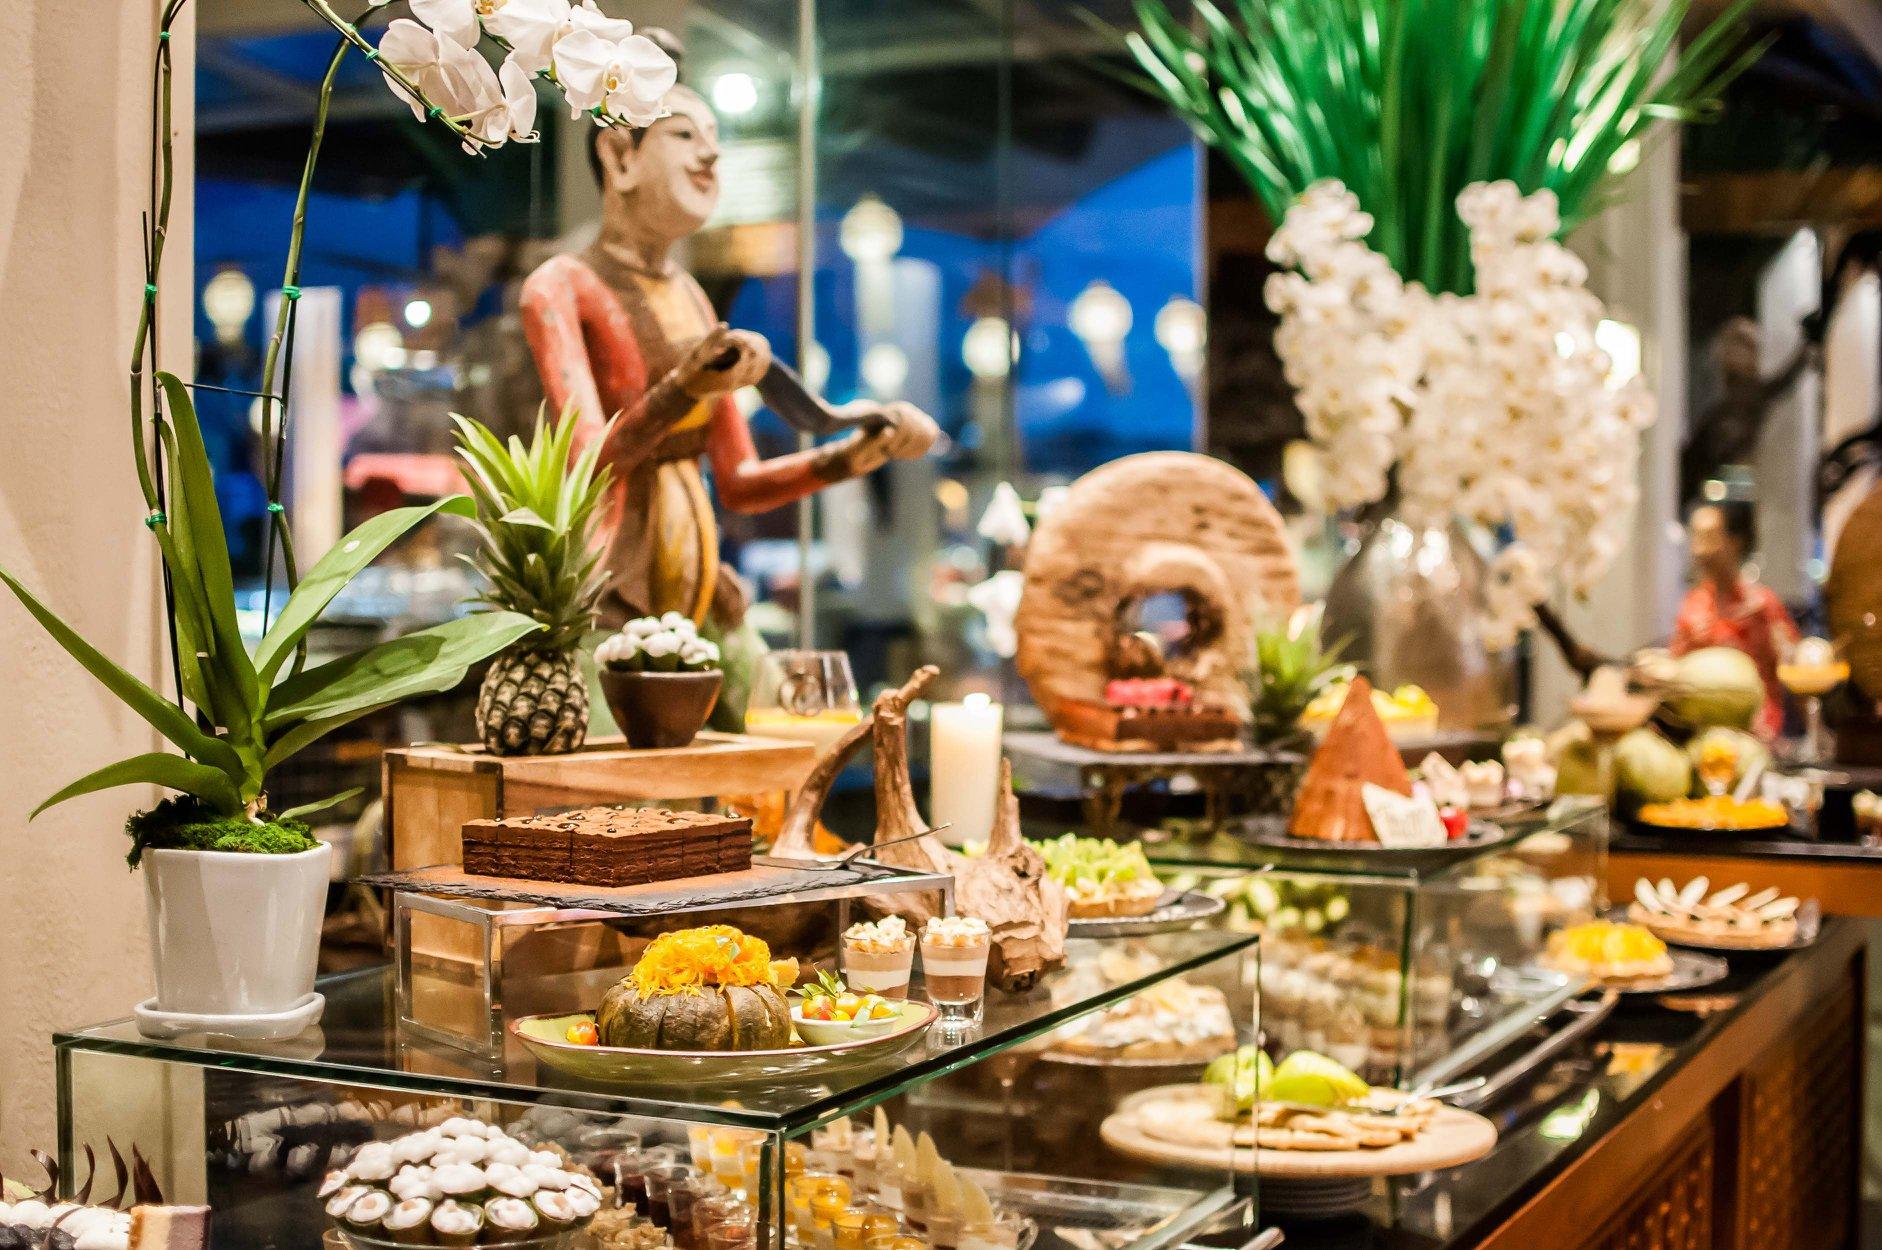 บุฟเฟ่ต์อาหารทะเลนานาชาติและบาร์บีคิวมื้อค่ำ ณ ห้องอาหารริเวอร์ไซด์ เทอร์เรซ โรงแรมอนันตรา ริเวอร์ไซด์ กรุงเทพฯ